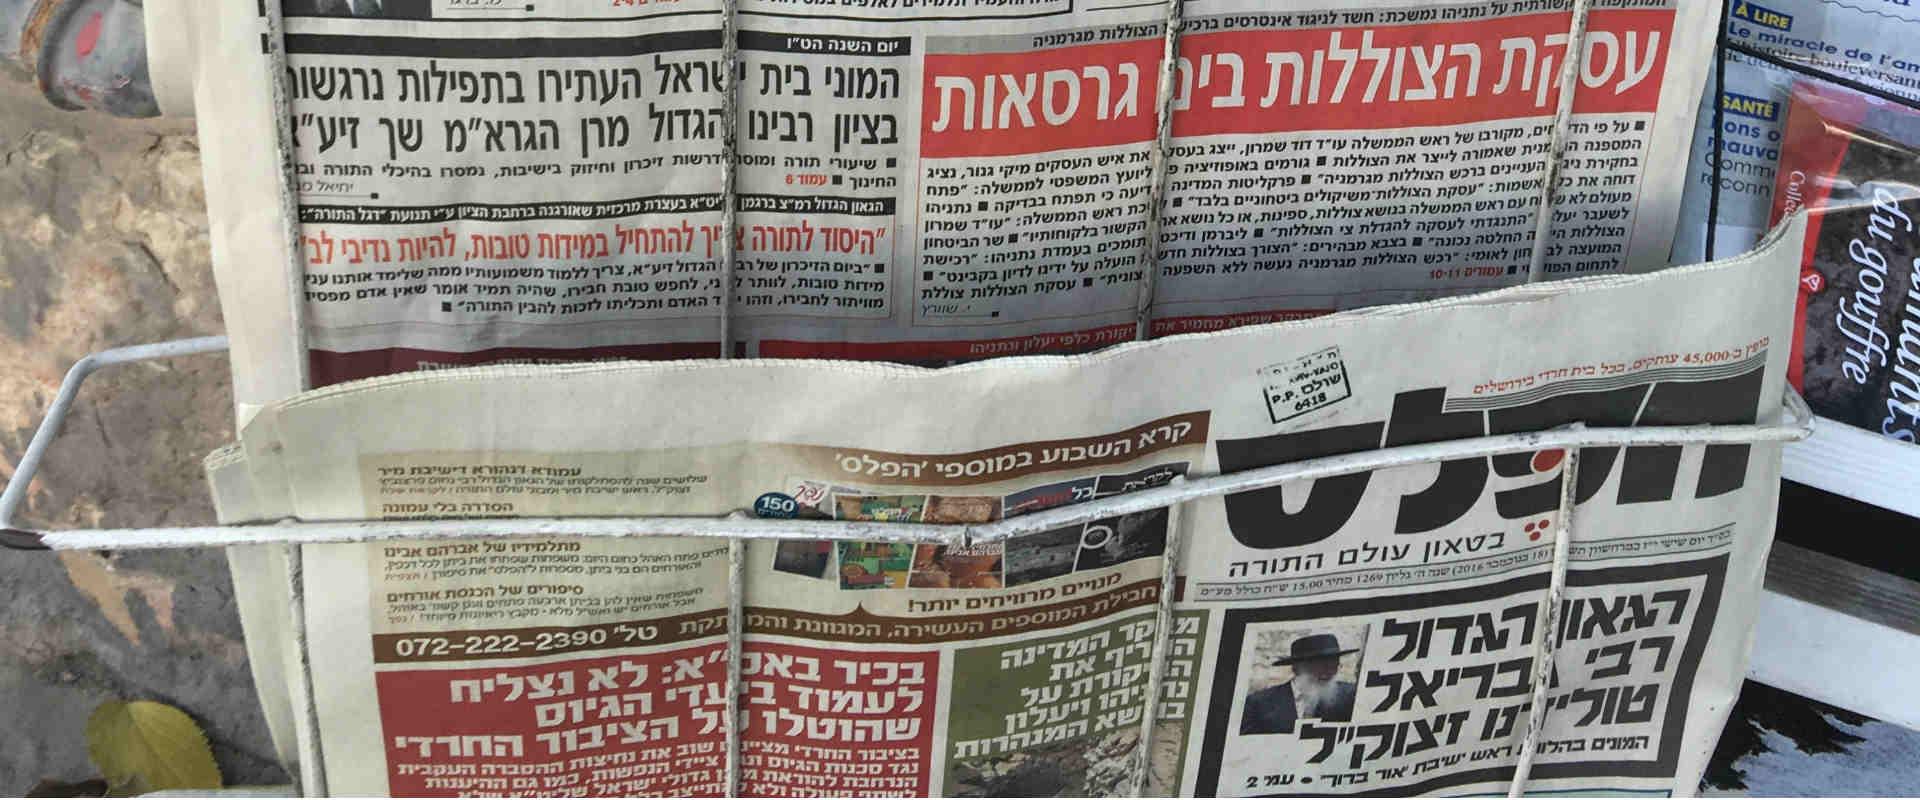 עיתון הפלס מתחת לעיתון יתד נאמן